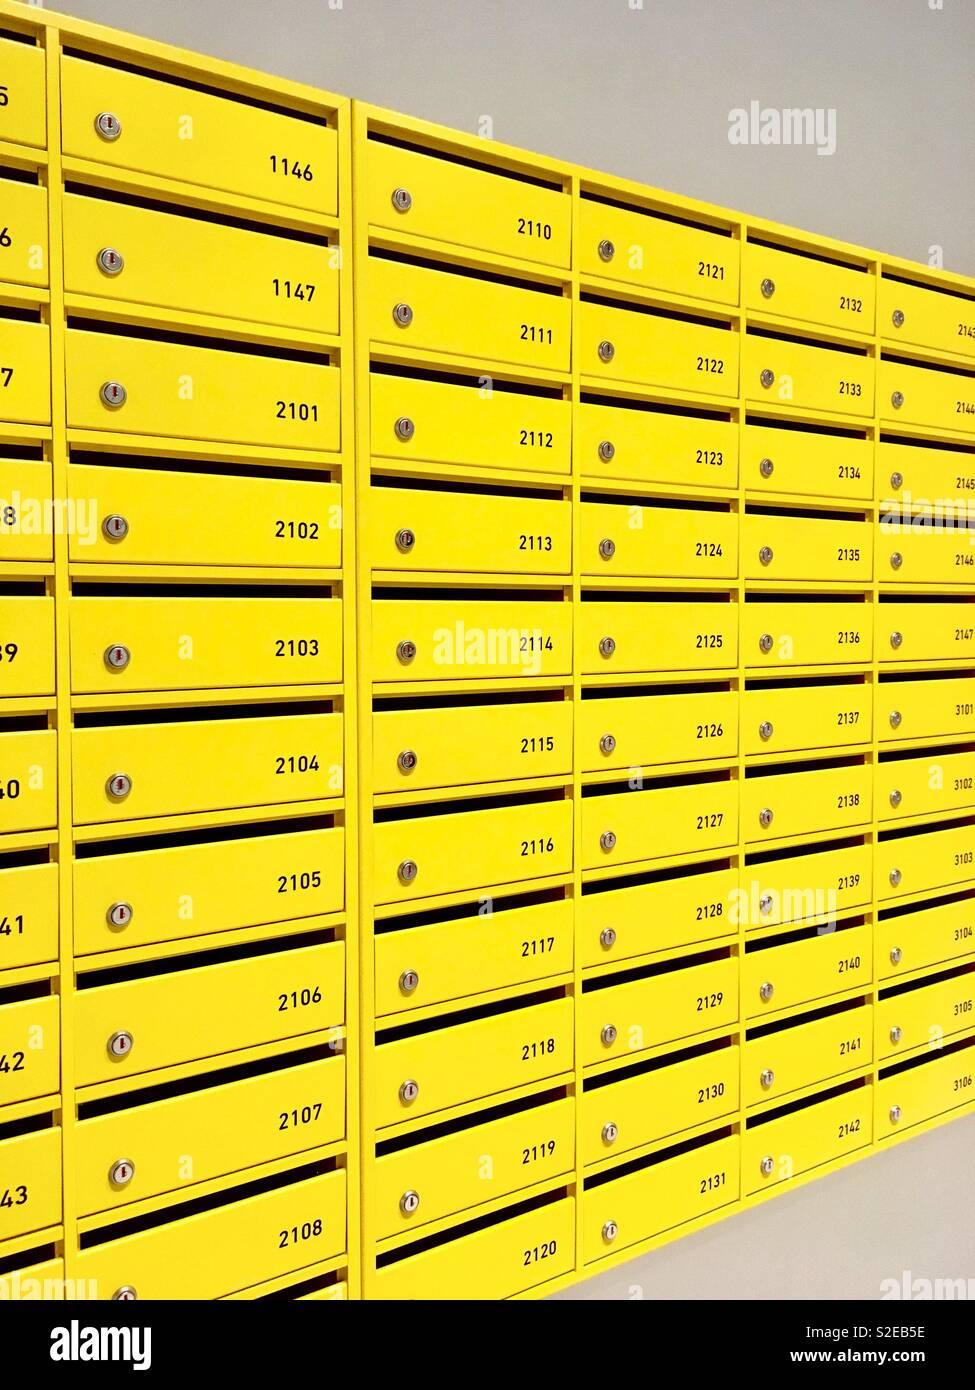 Mail boxes amarillo Imagen De Stock